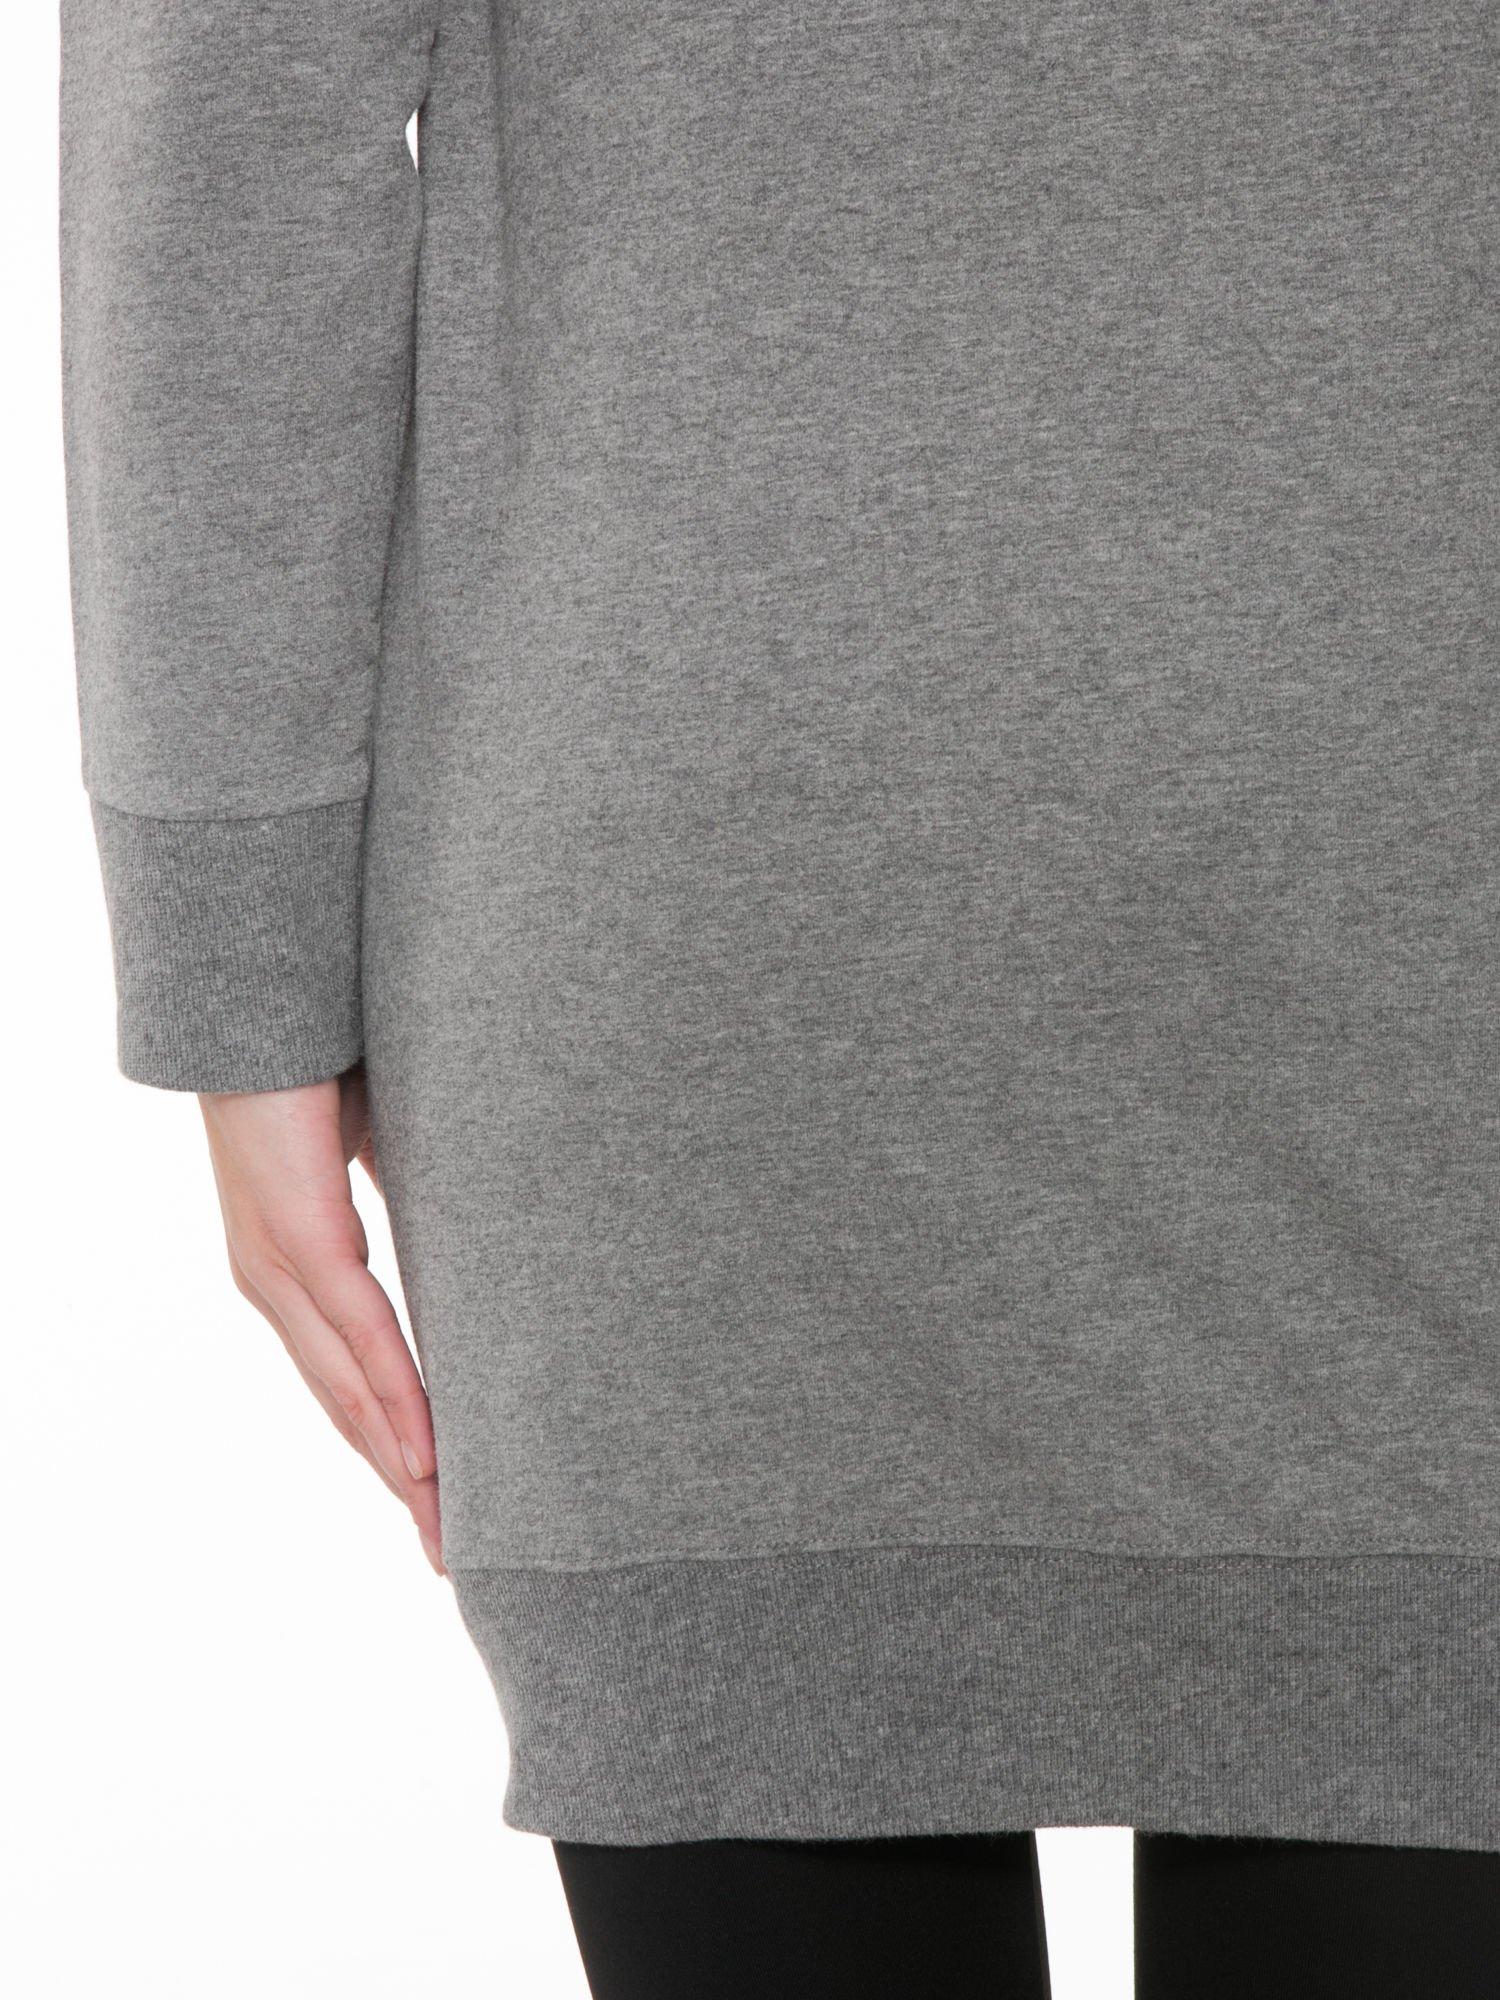 Szara długa bluza z kapturem w stylu baseballowym                                  zdj.                                  6